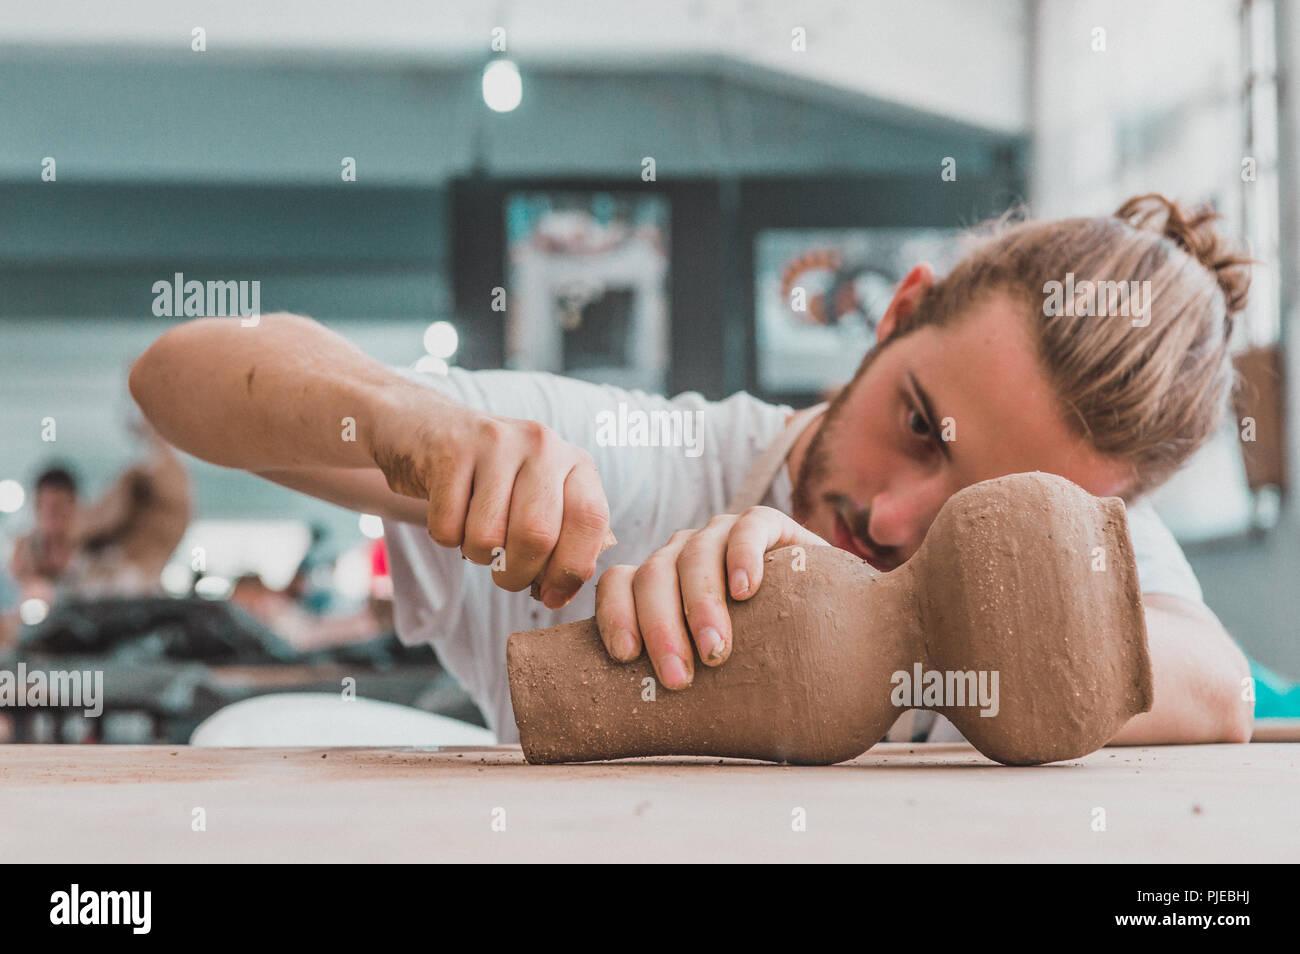 Jeune artiste poterie travaille sur son pot en argile dans un atelier Photo Stock